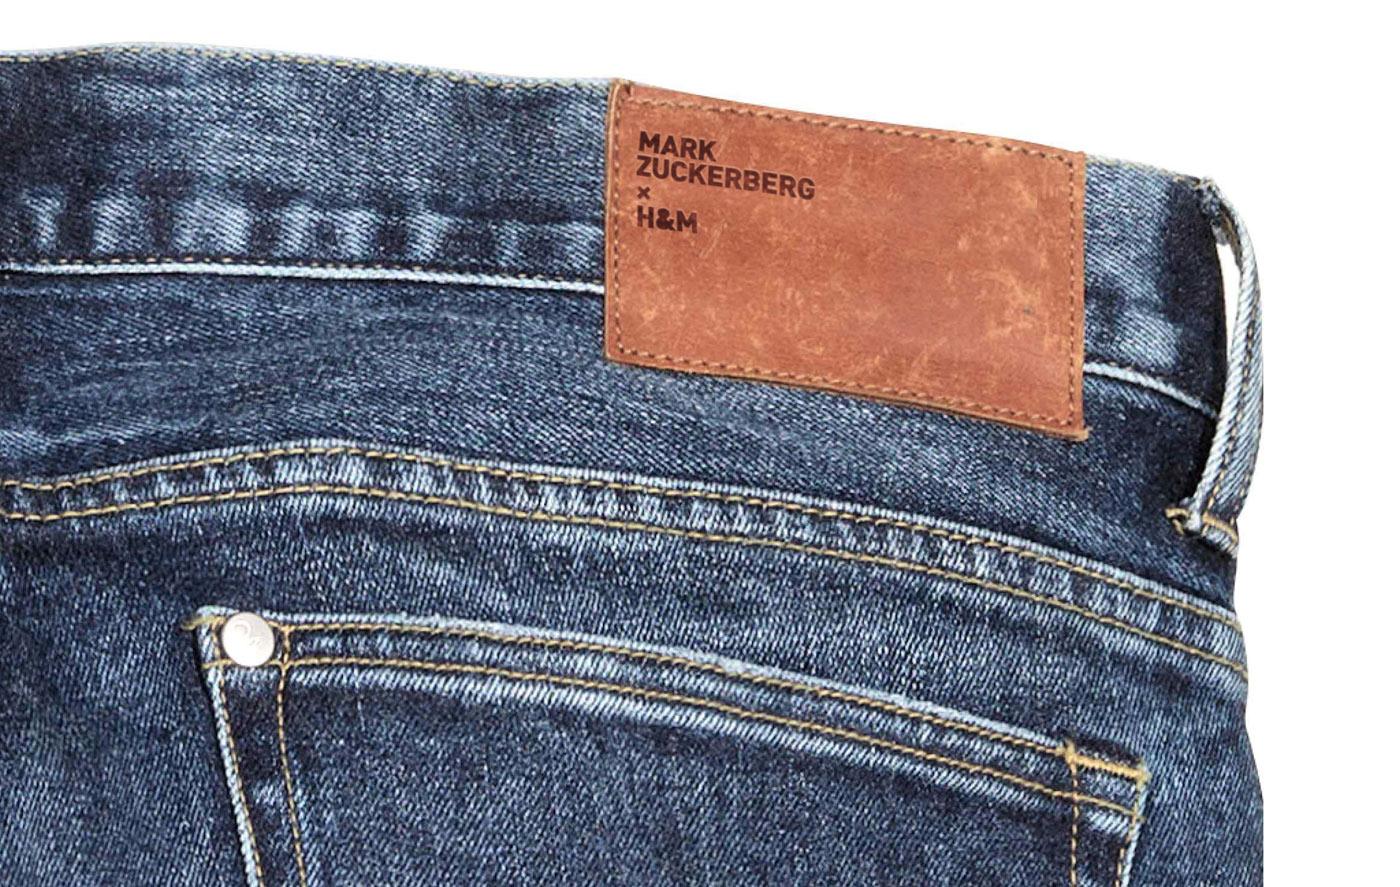 mark zuckerberg per HM jeans